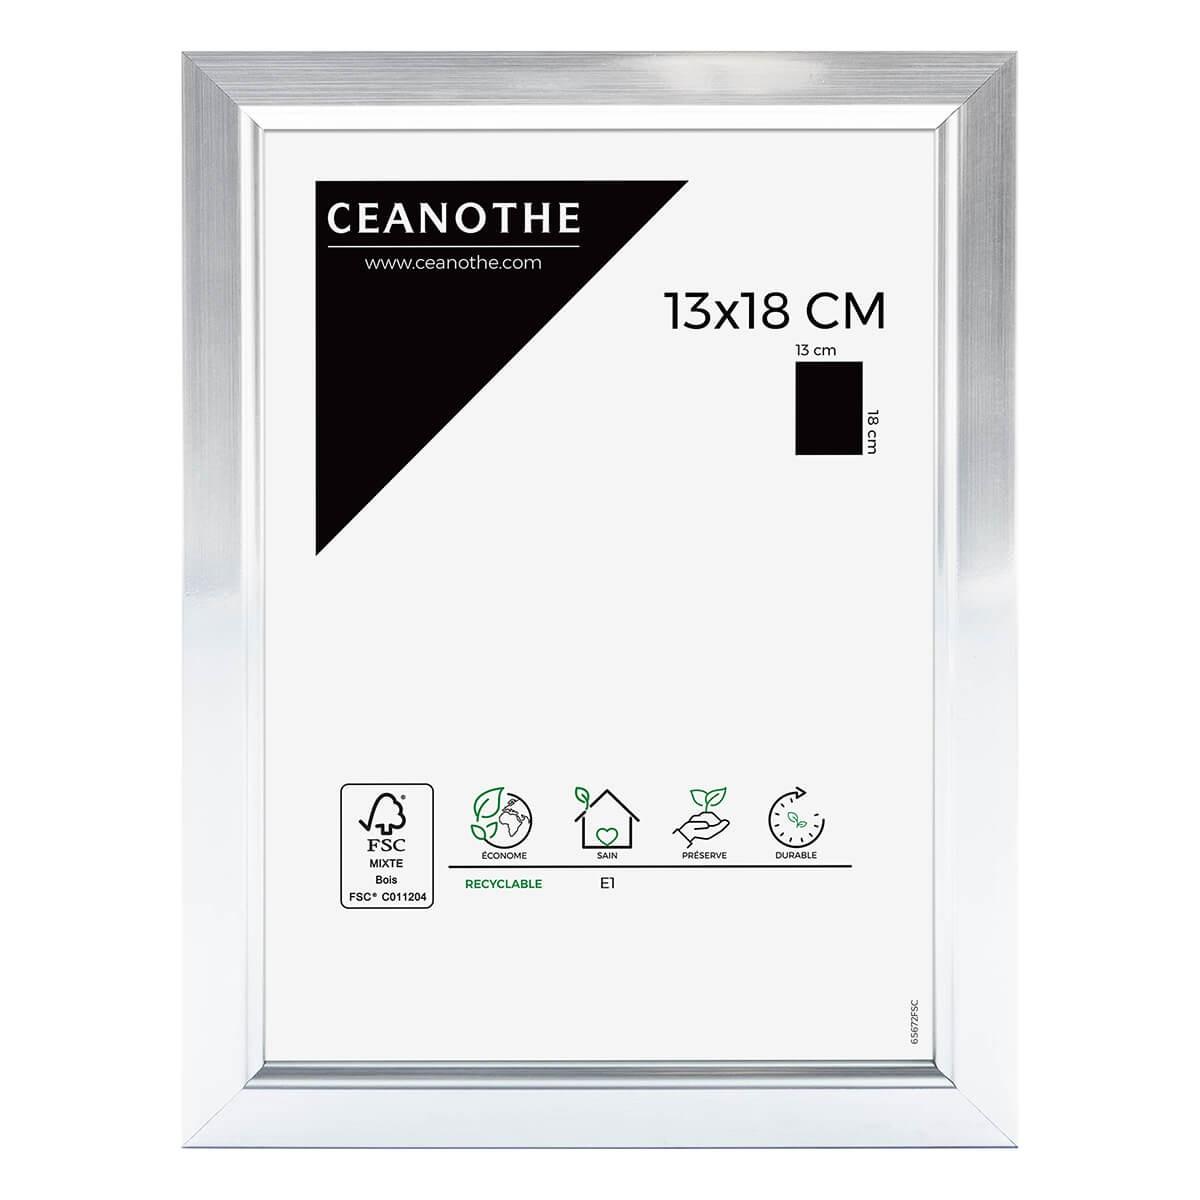 Cadre photo aluminium résine plastique 13x18